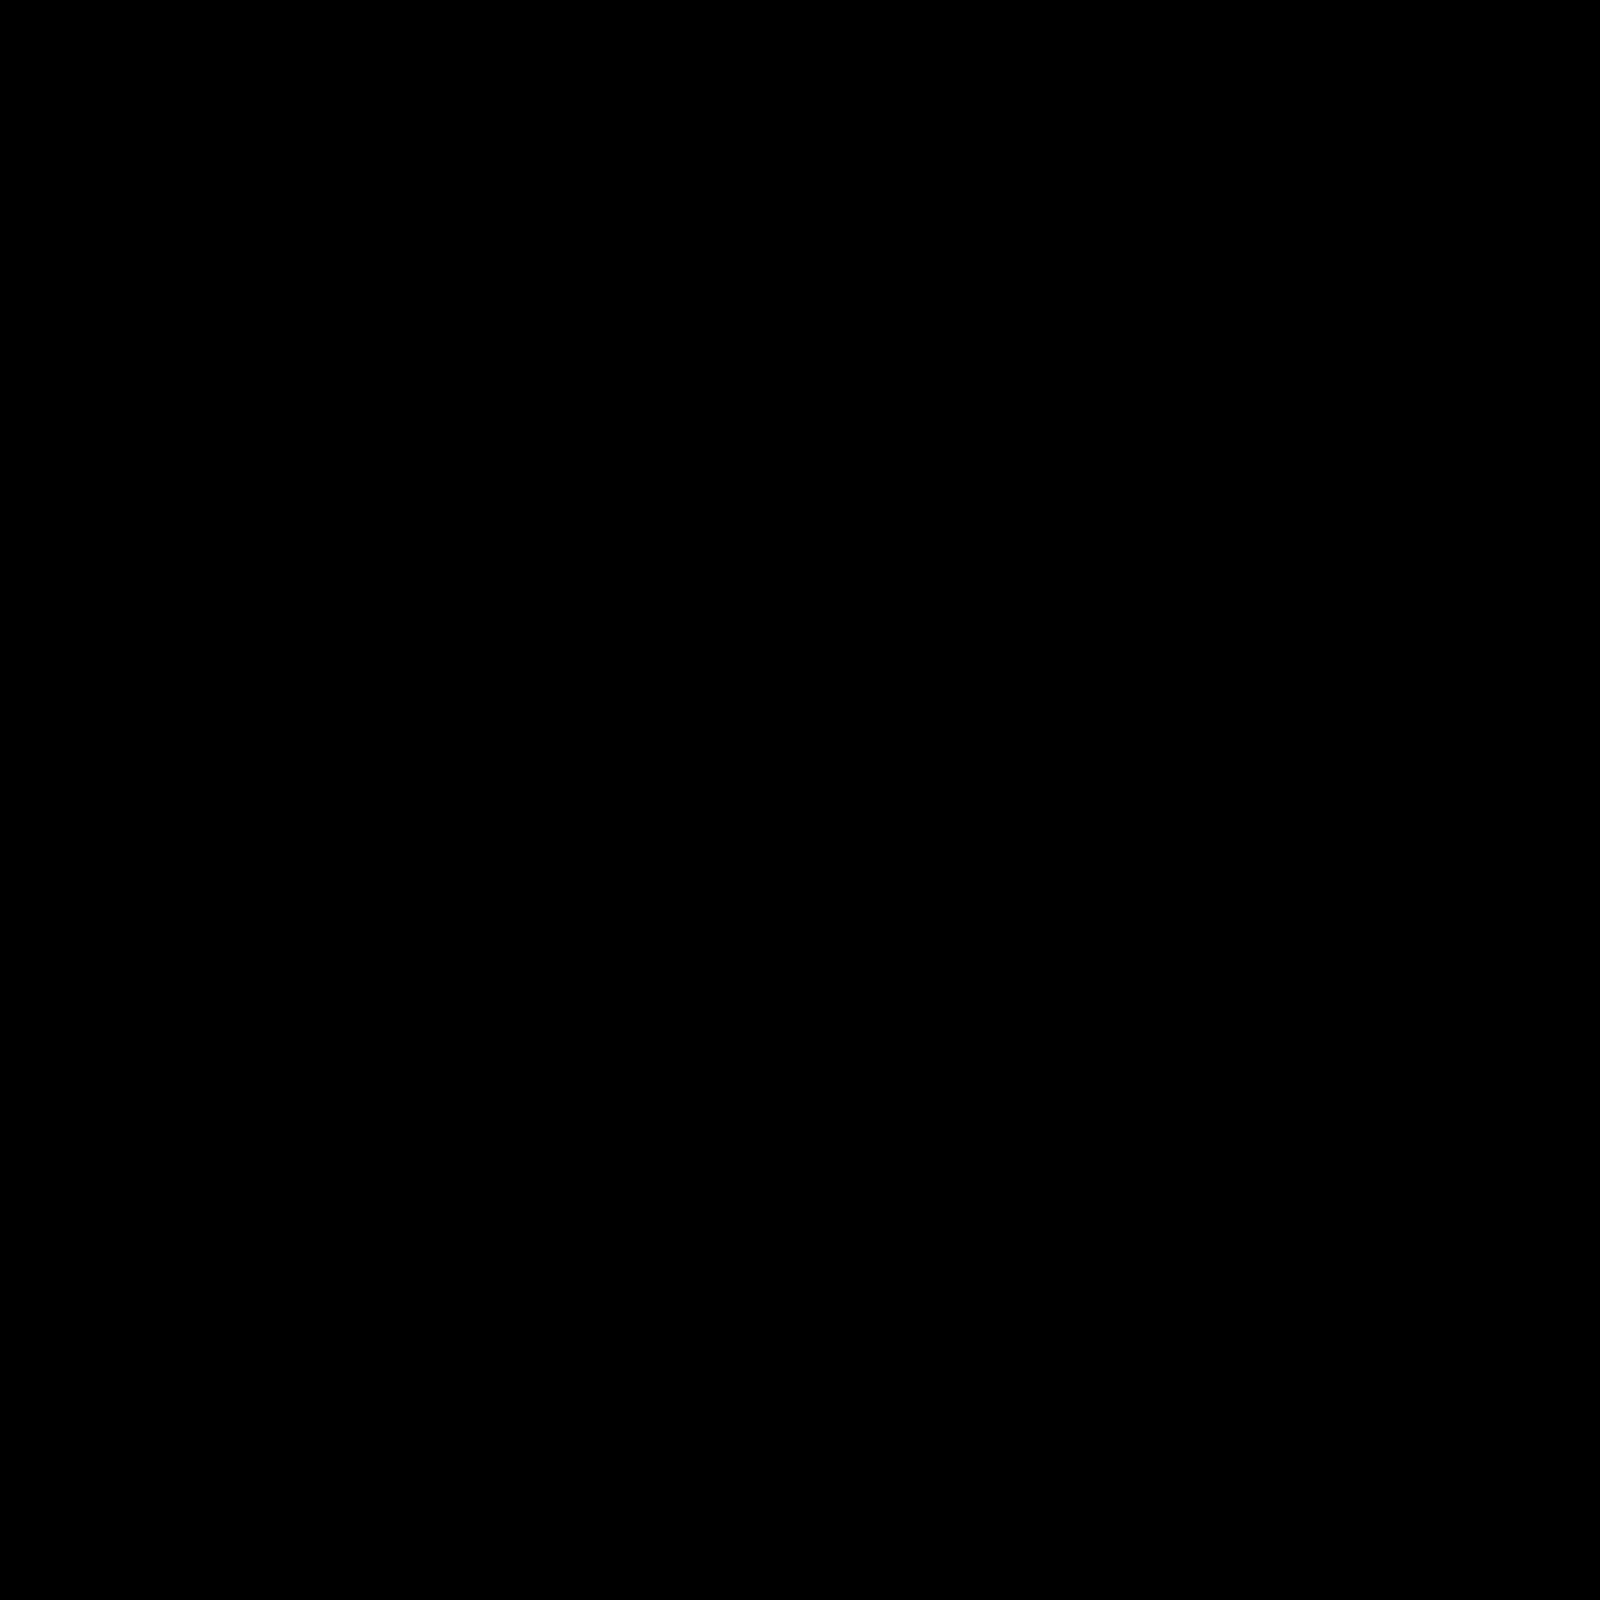 Креветка icon